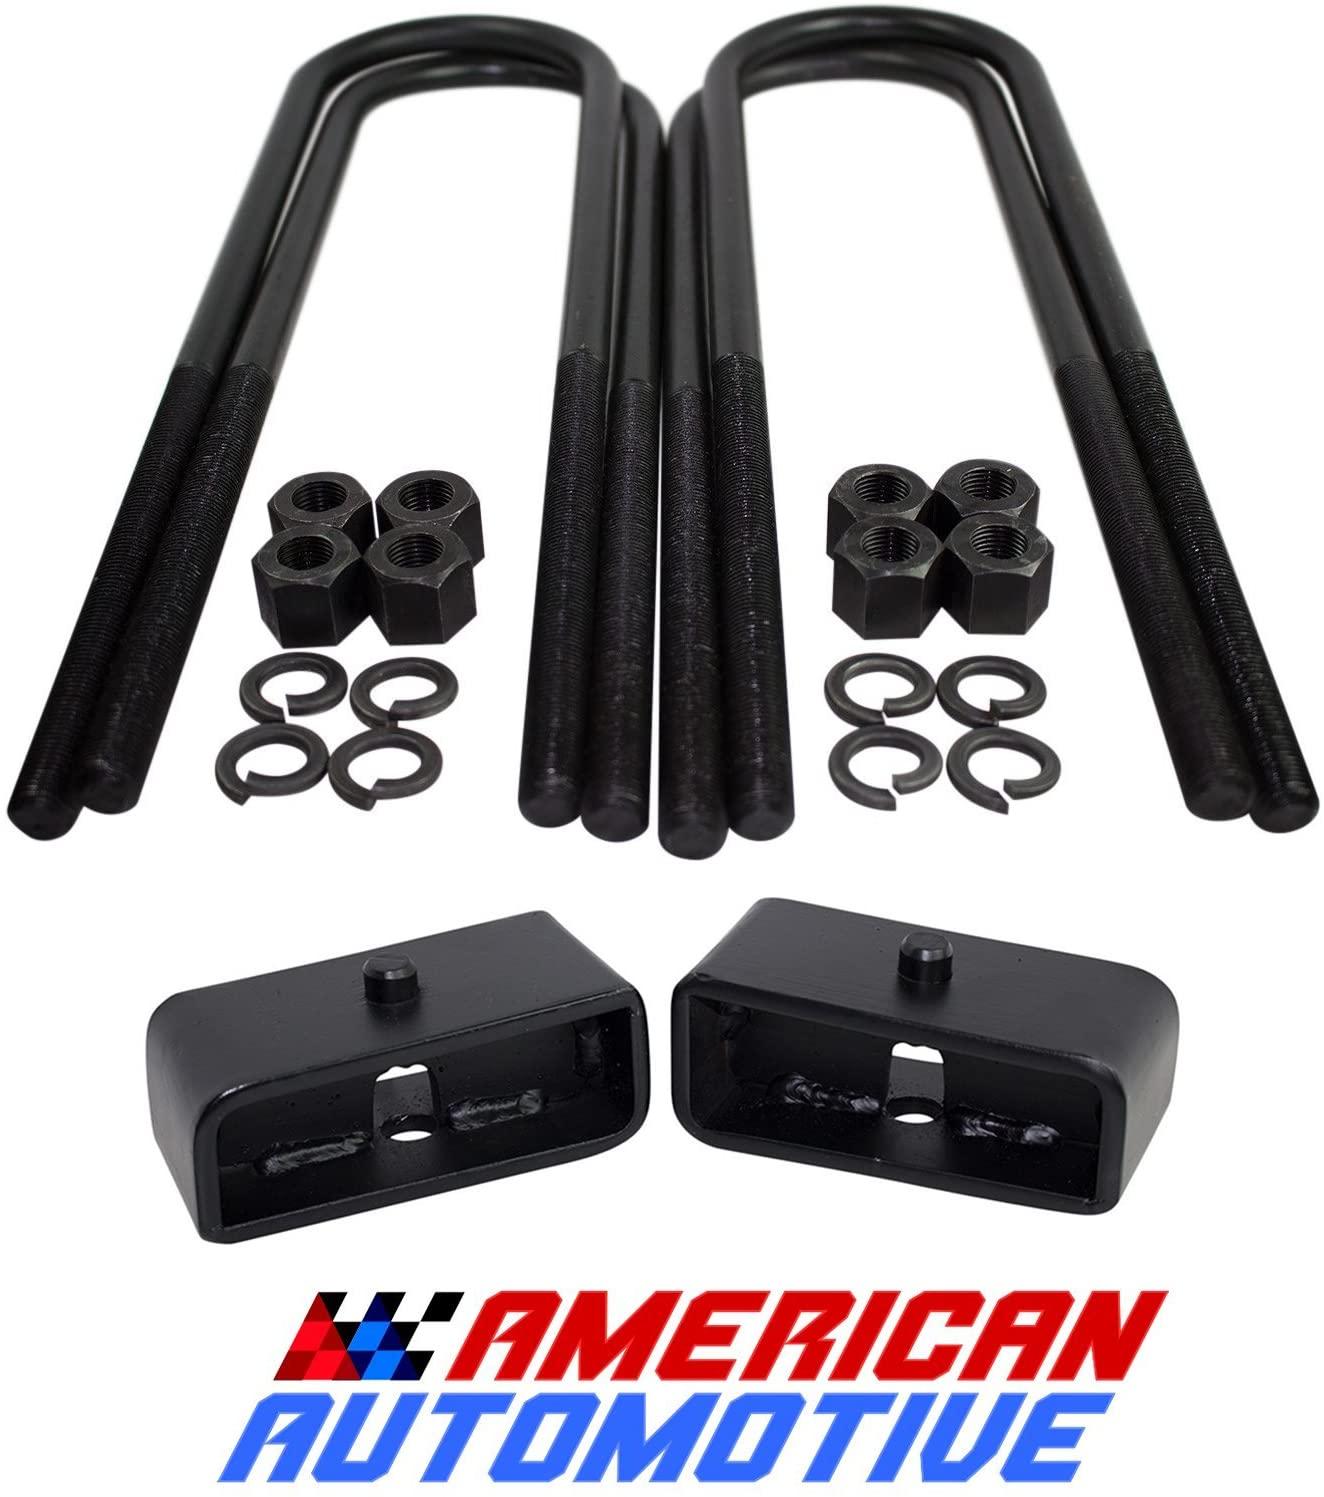 American Automotive 1999-2020 F250 F350 2 Rear Lift Blocks Super Duty Kit 2WD 4WD & U Bolt Super Duty Kit